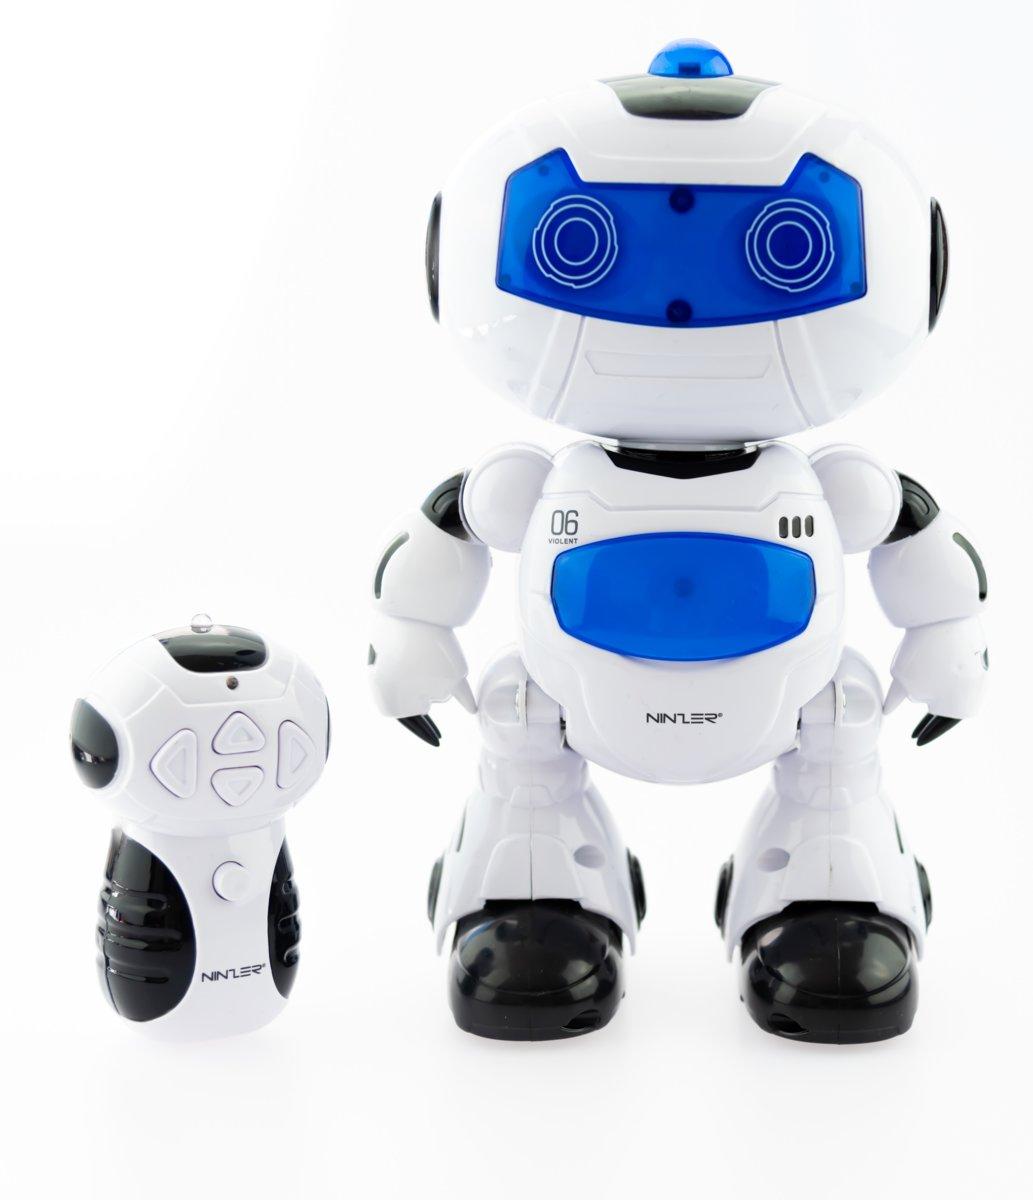 Ninzer Smart Robot, Dansen, Lopen, Zingen met afstandbediening